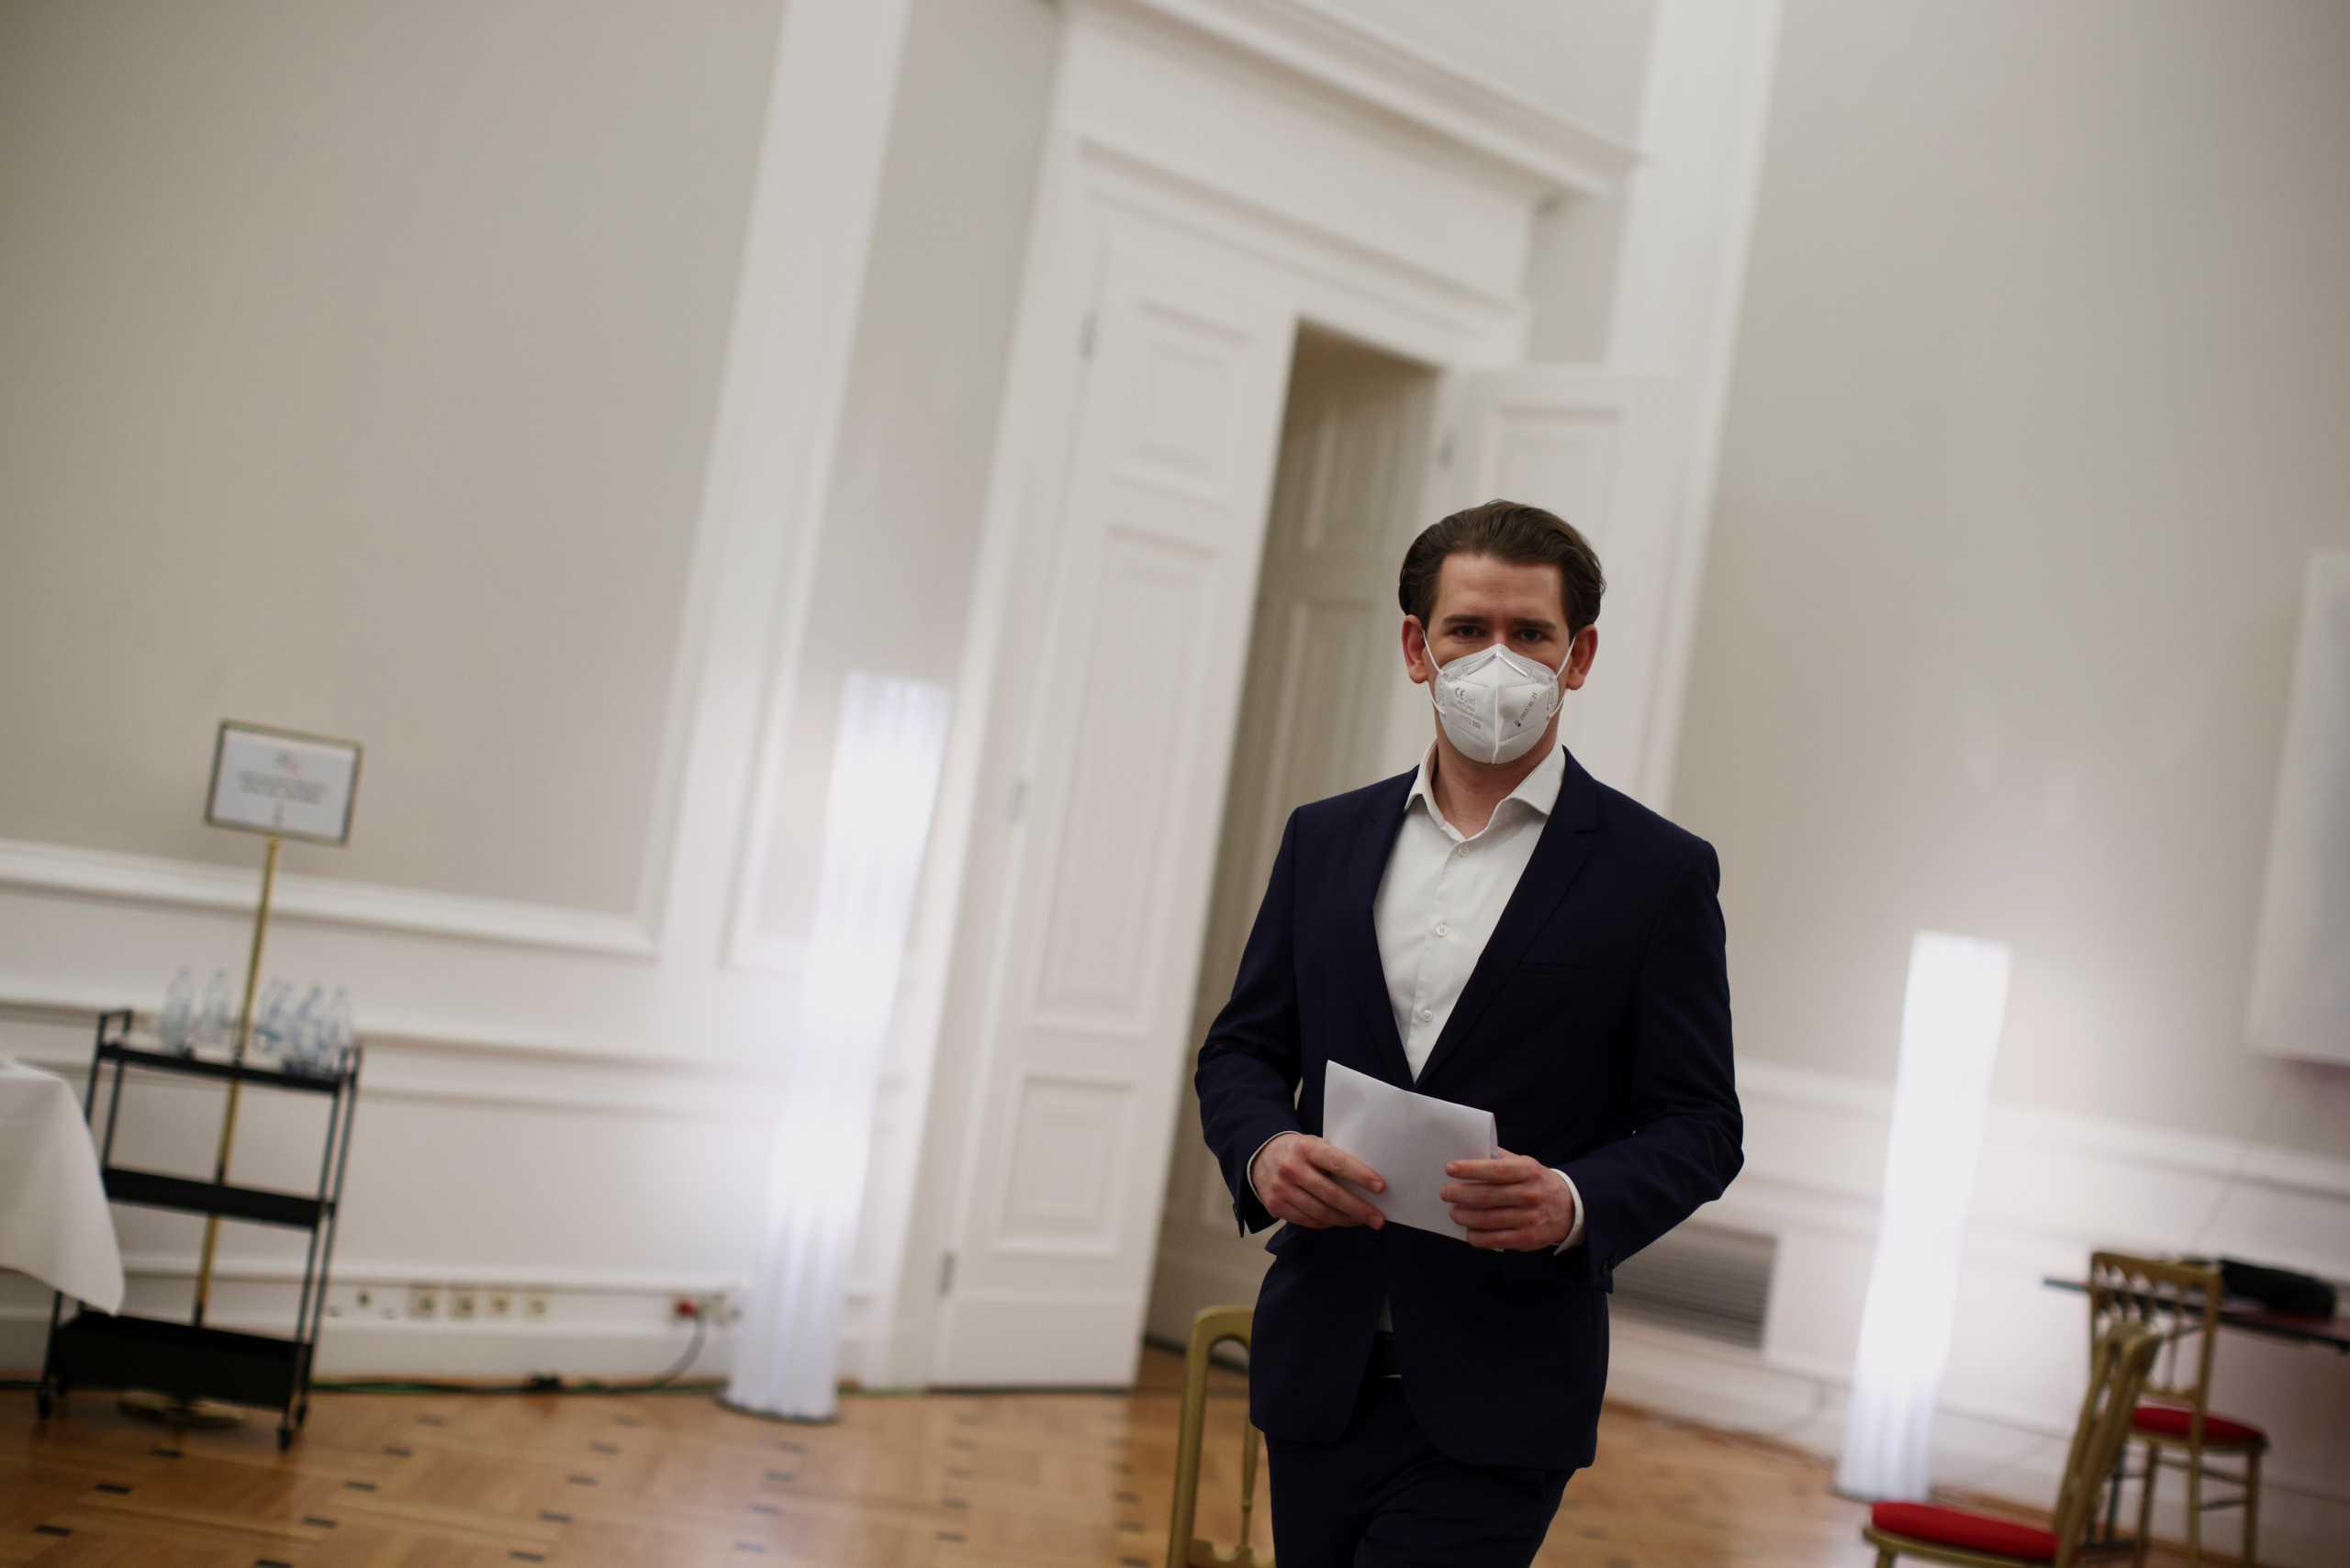 """Η αυστριακή βουλή άνοιξε τον δρόμο για το """"πράσινο διαβατήριο Covid-19"""""""